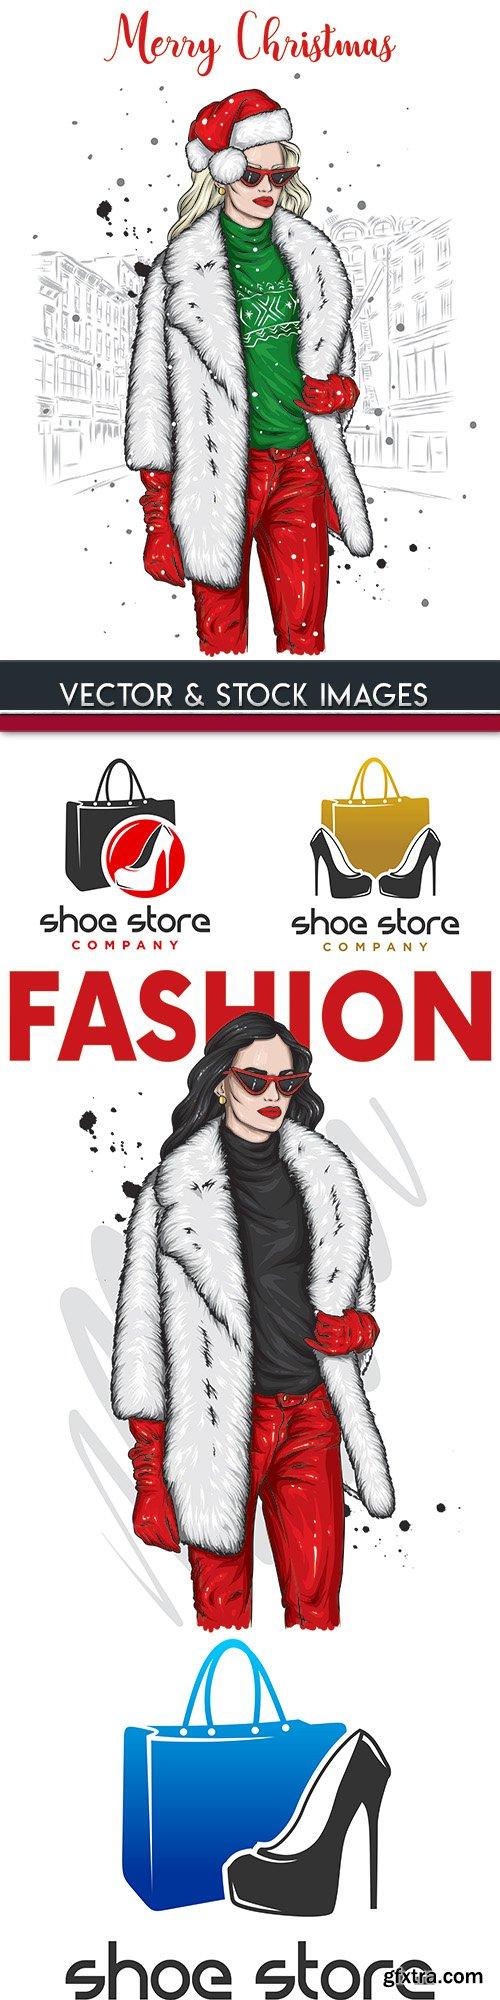 Fashion stylish girls and logo design illustration